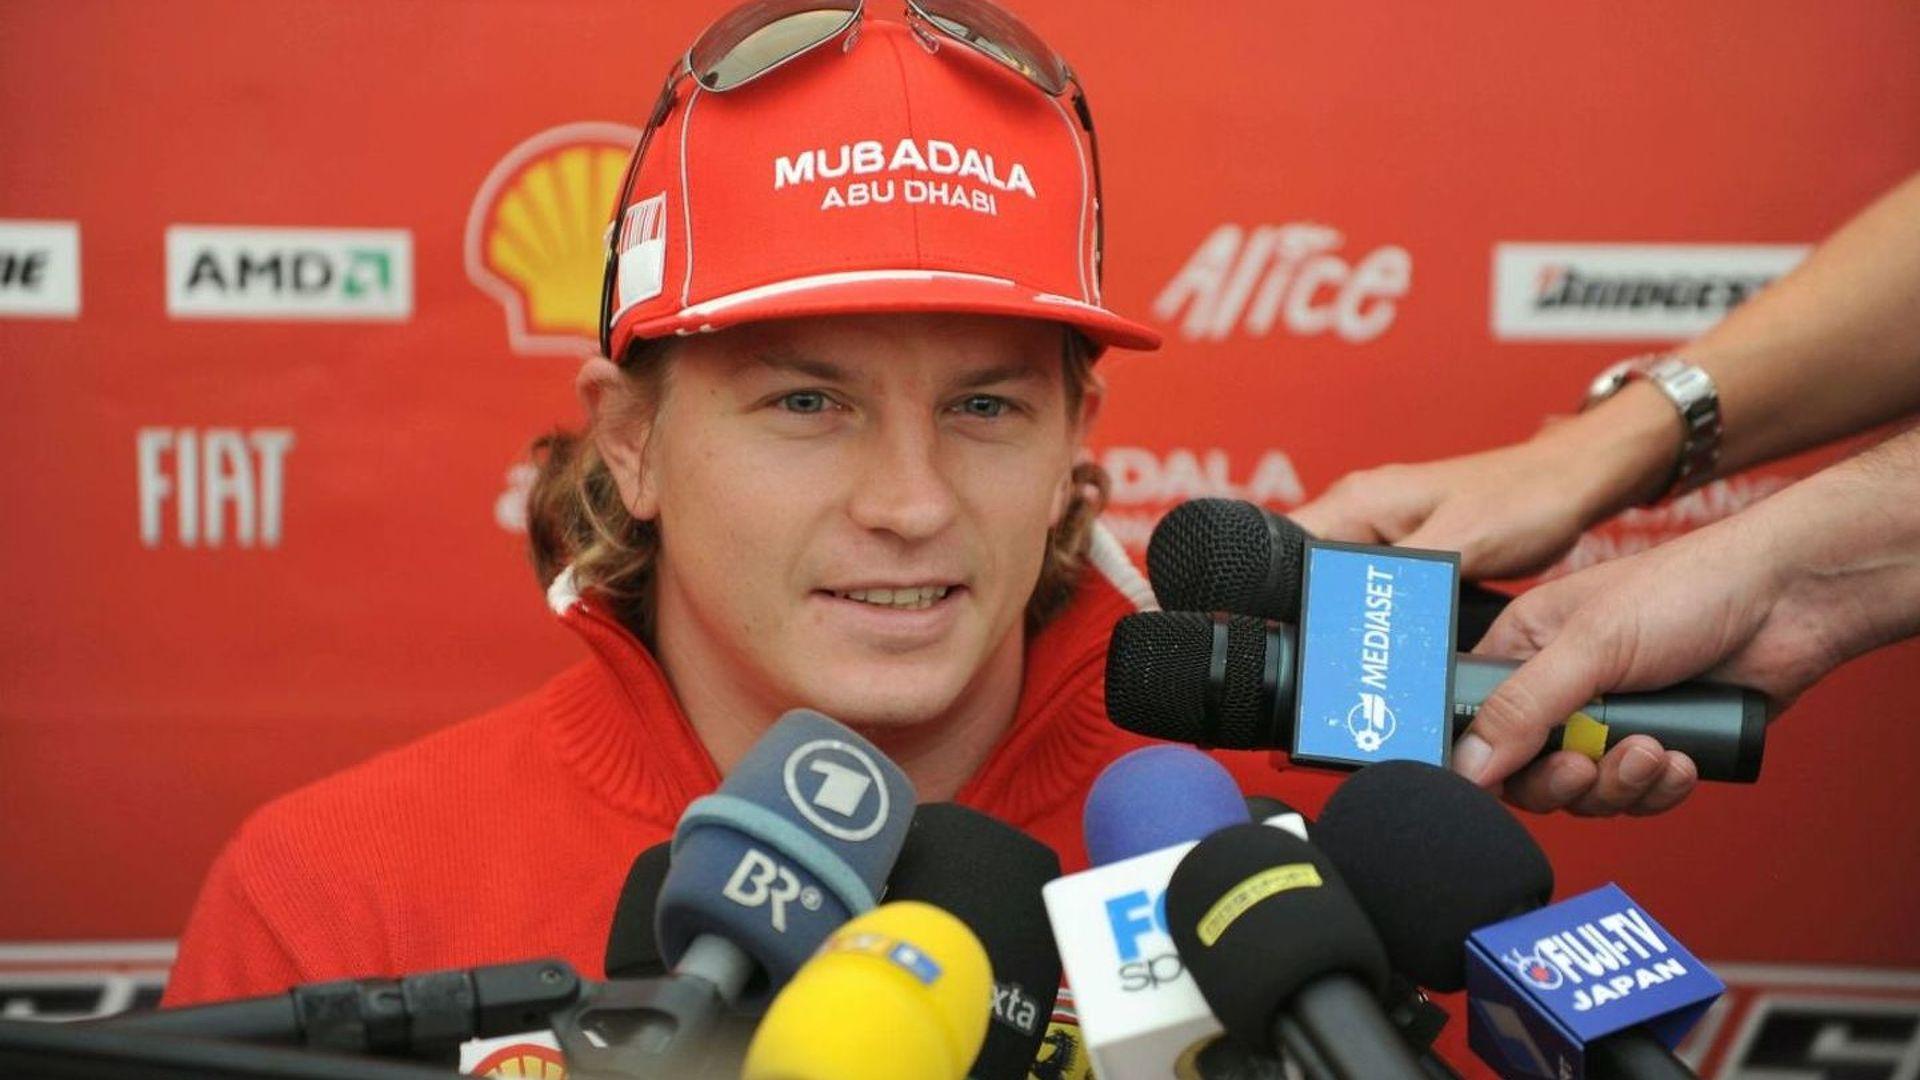 Raikkonen yet to make plans for 2010